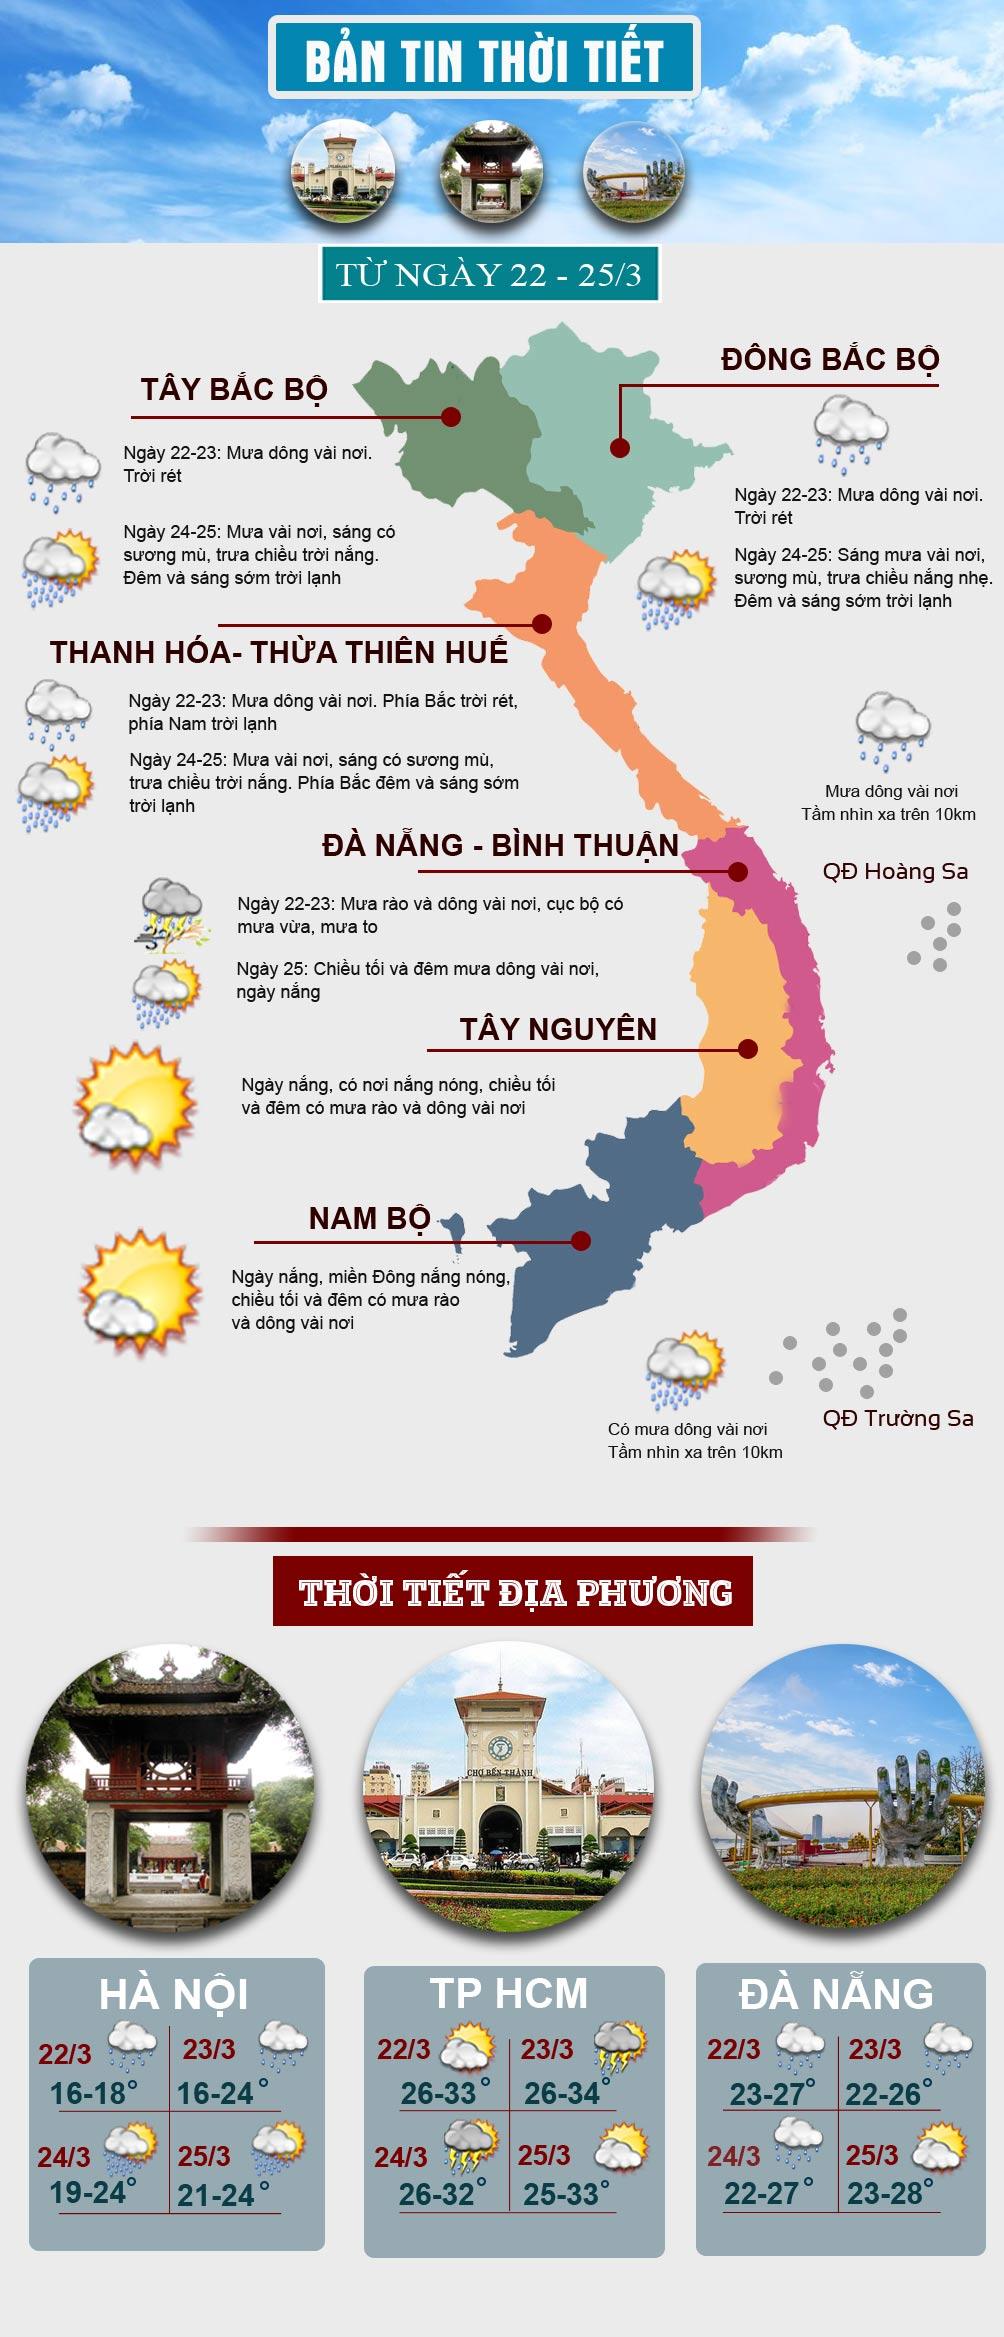 Thời tiết đầu tuần: Miền Bắc trời rét, miền Nam có nơi nắng nóng - hình ảnh 1